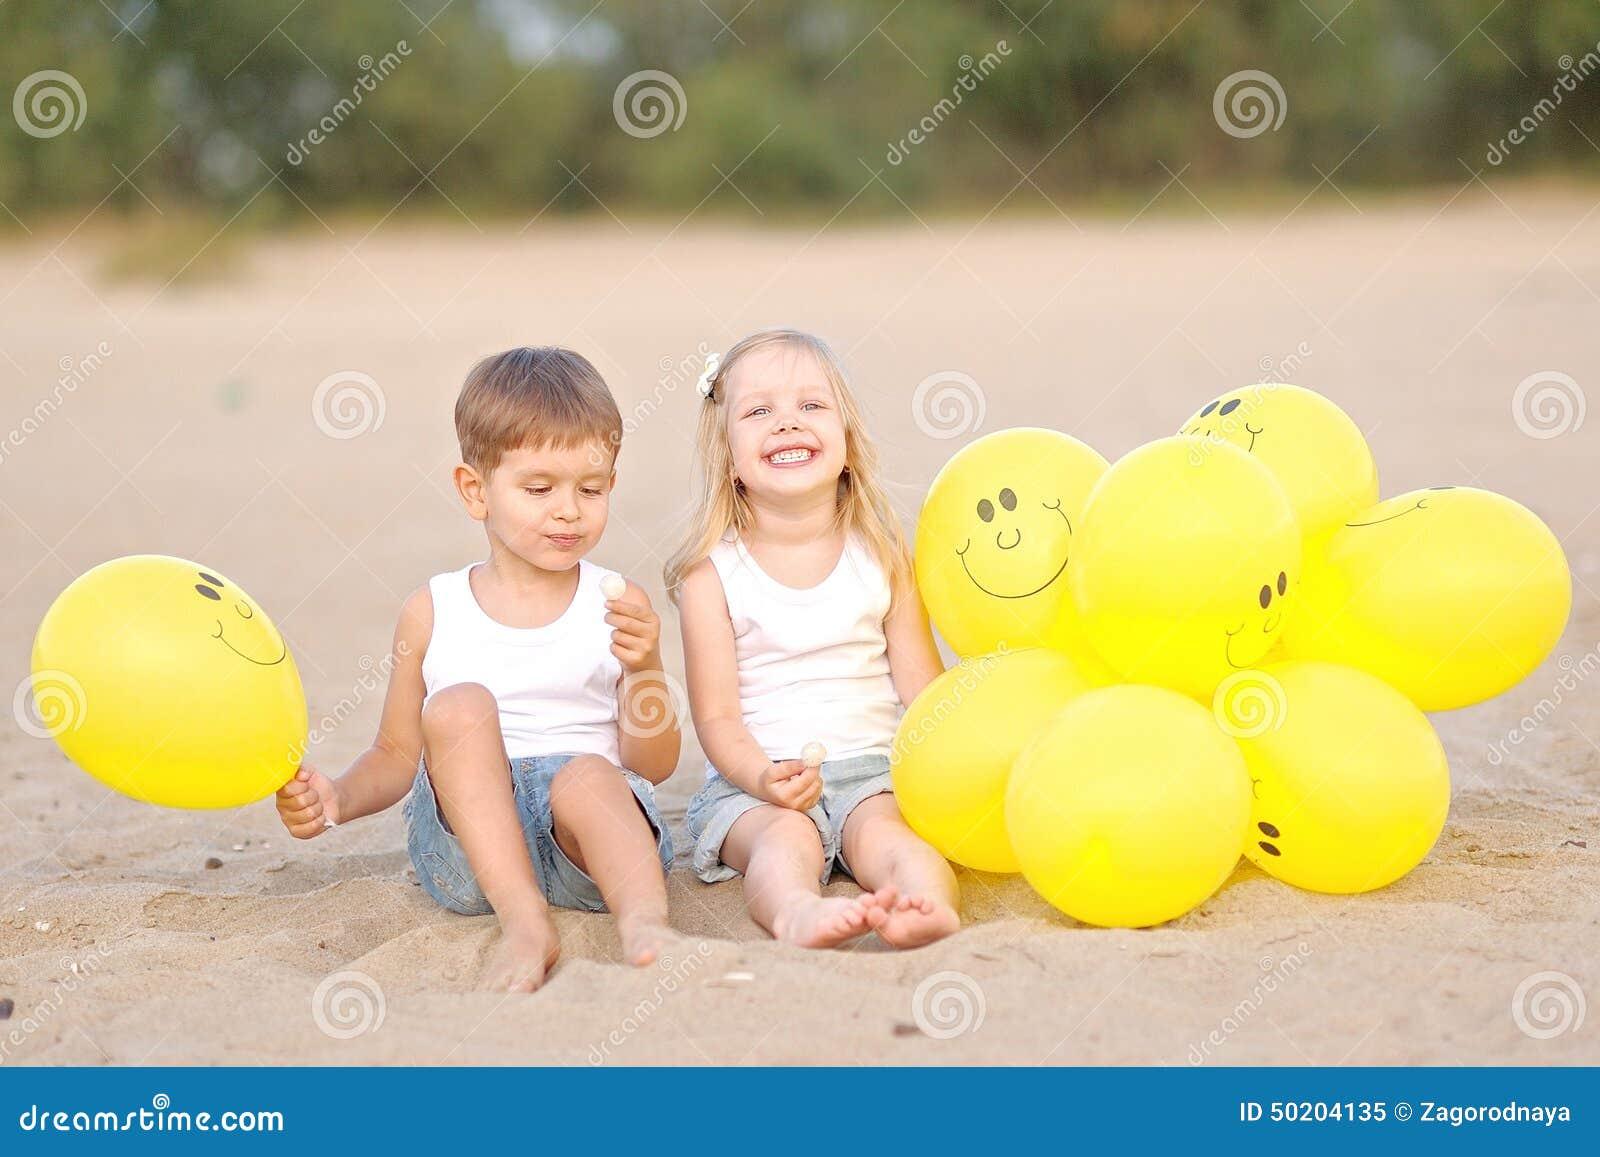 Photo d'une fille et un garçon